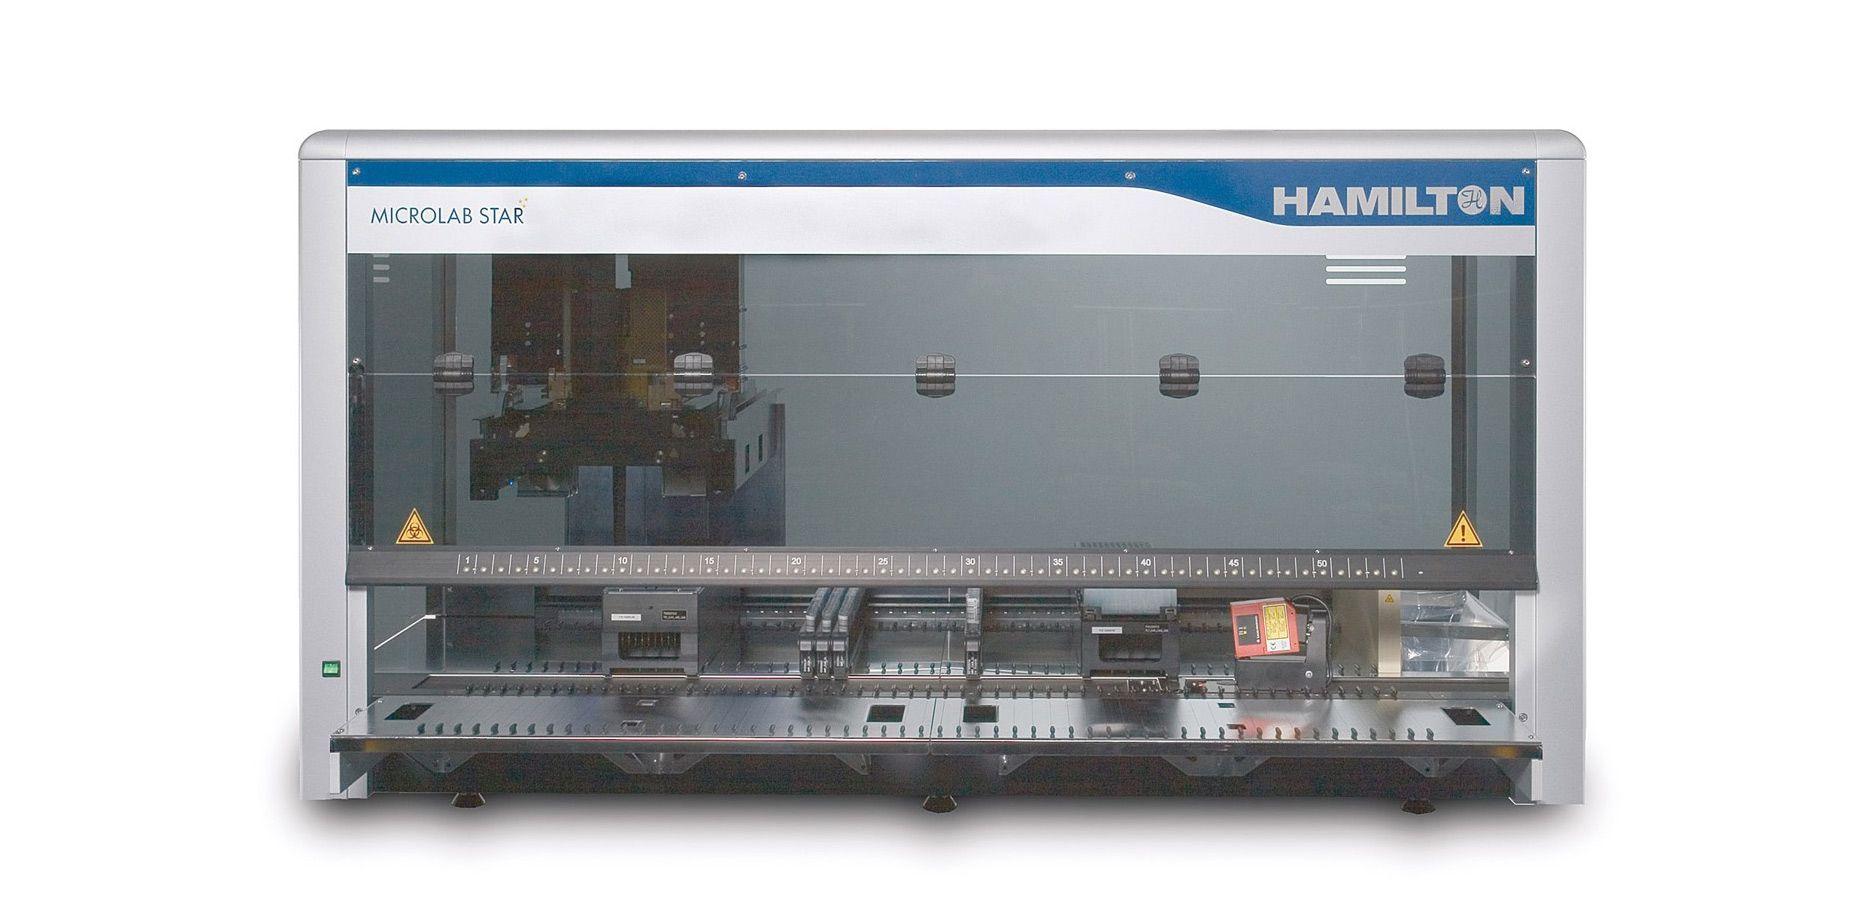 hamilton microlab star